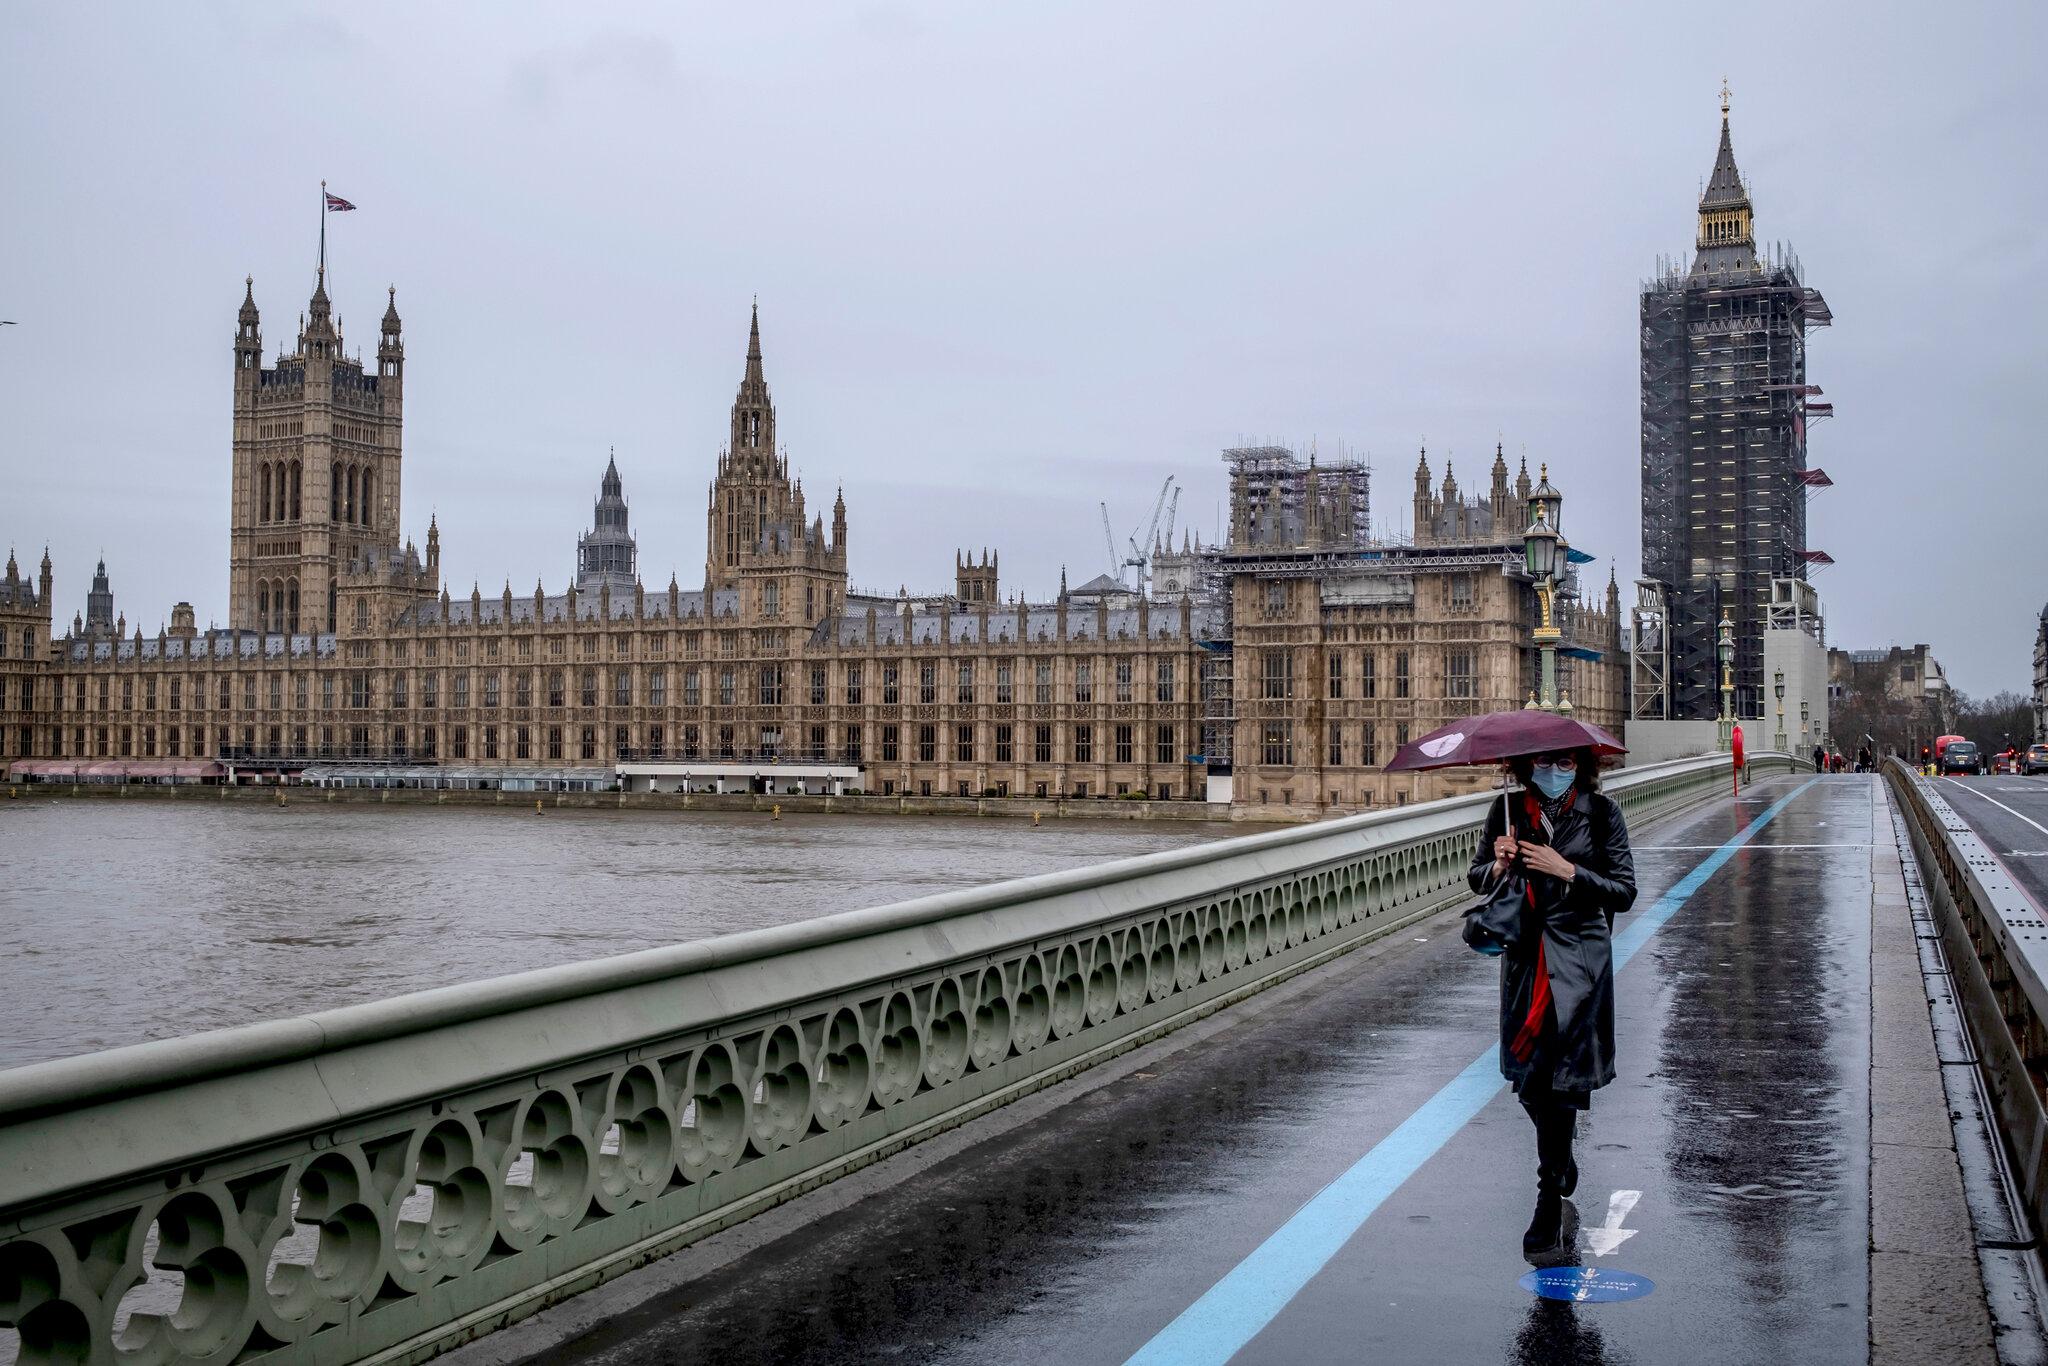 Nová pravidla silničního provozu v Británii upřednostní chodce a cyklisty